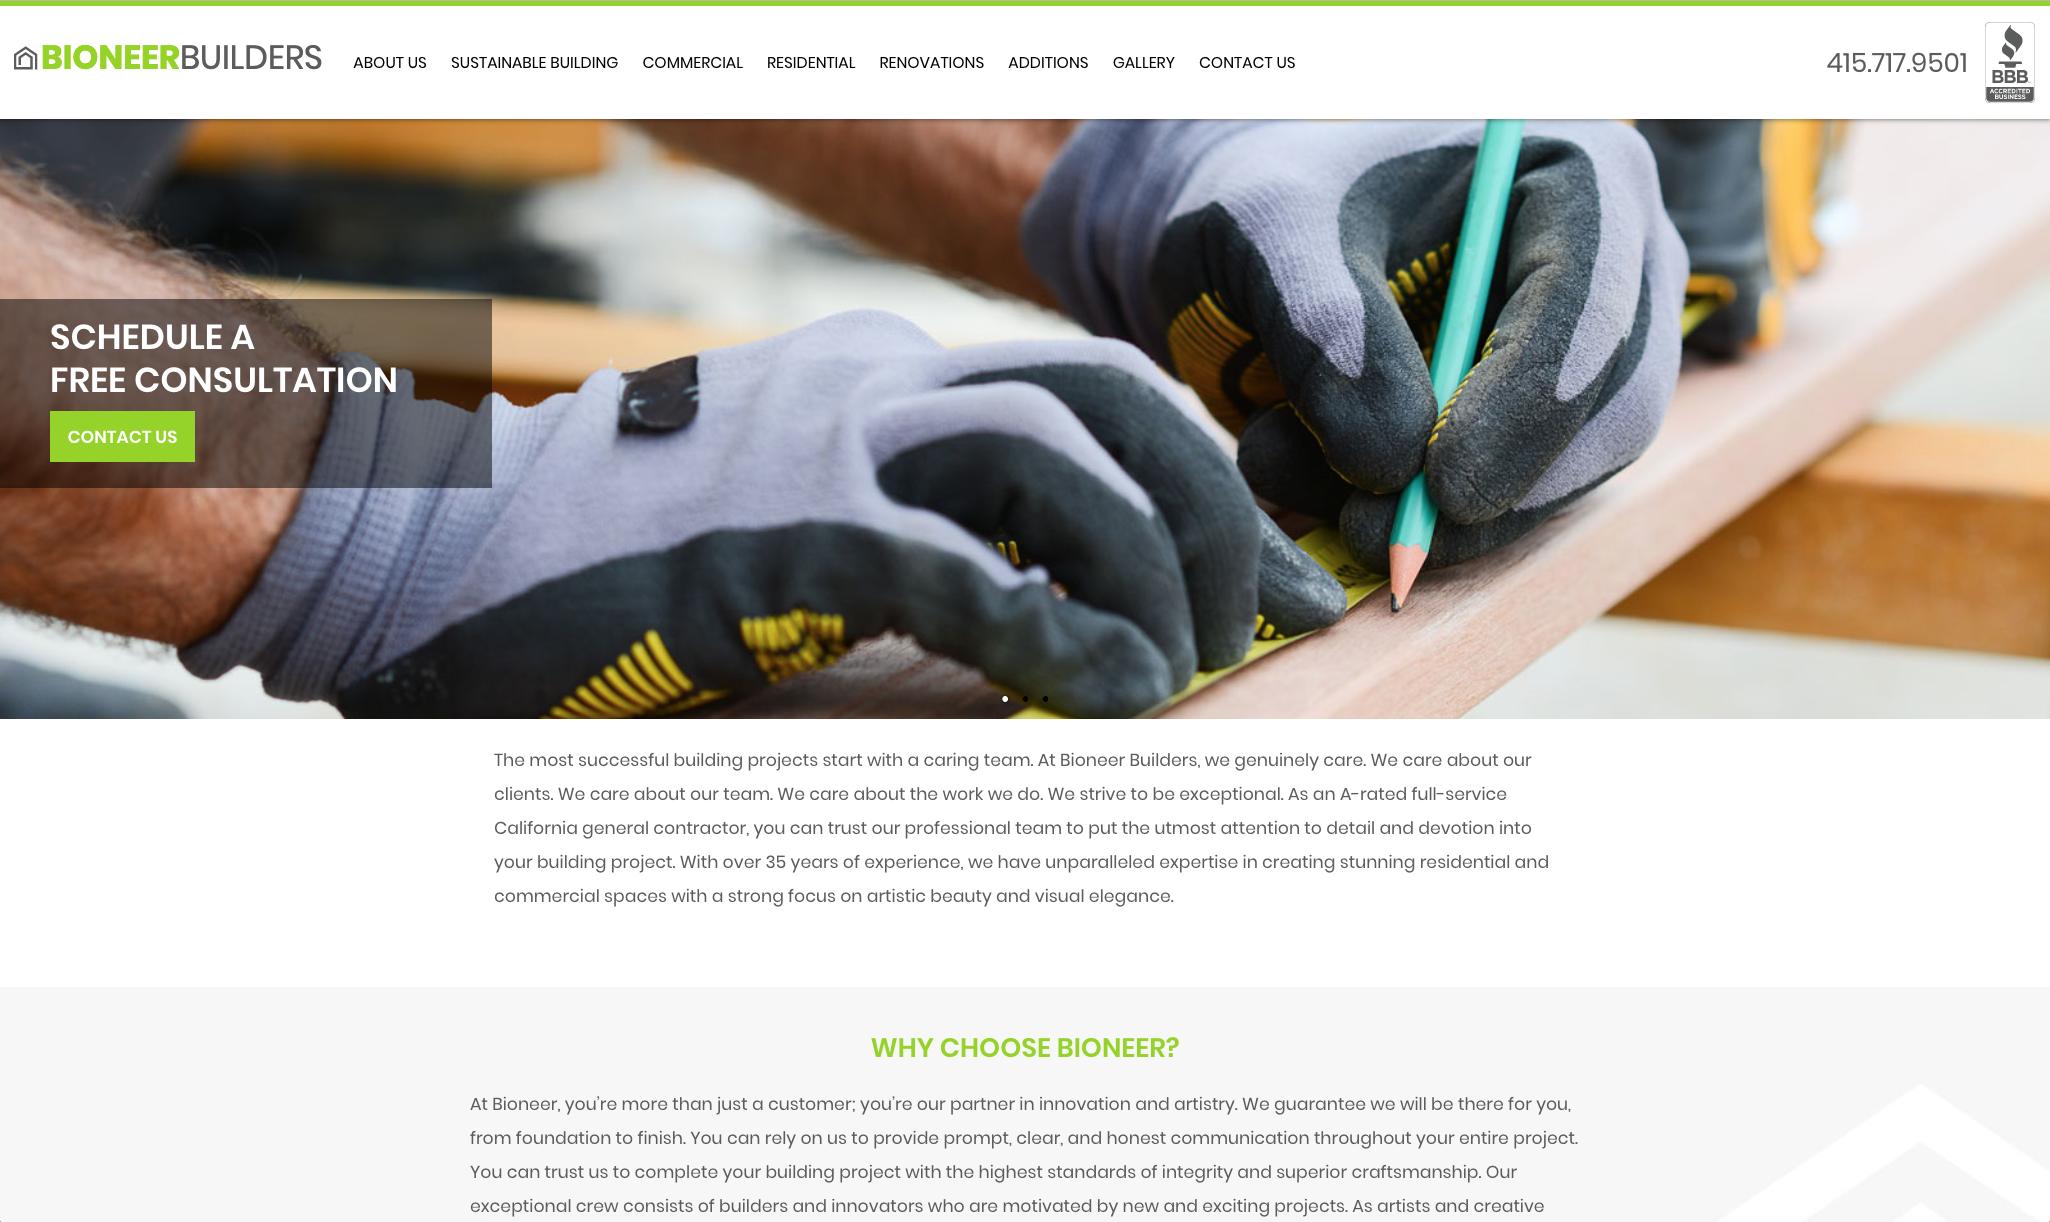 Bioneer Builders Website